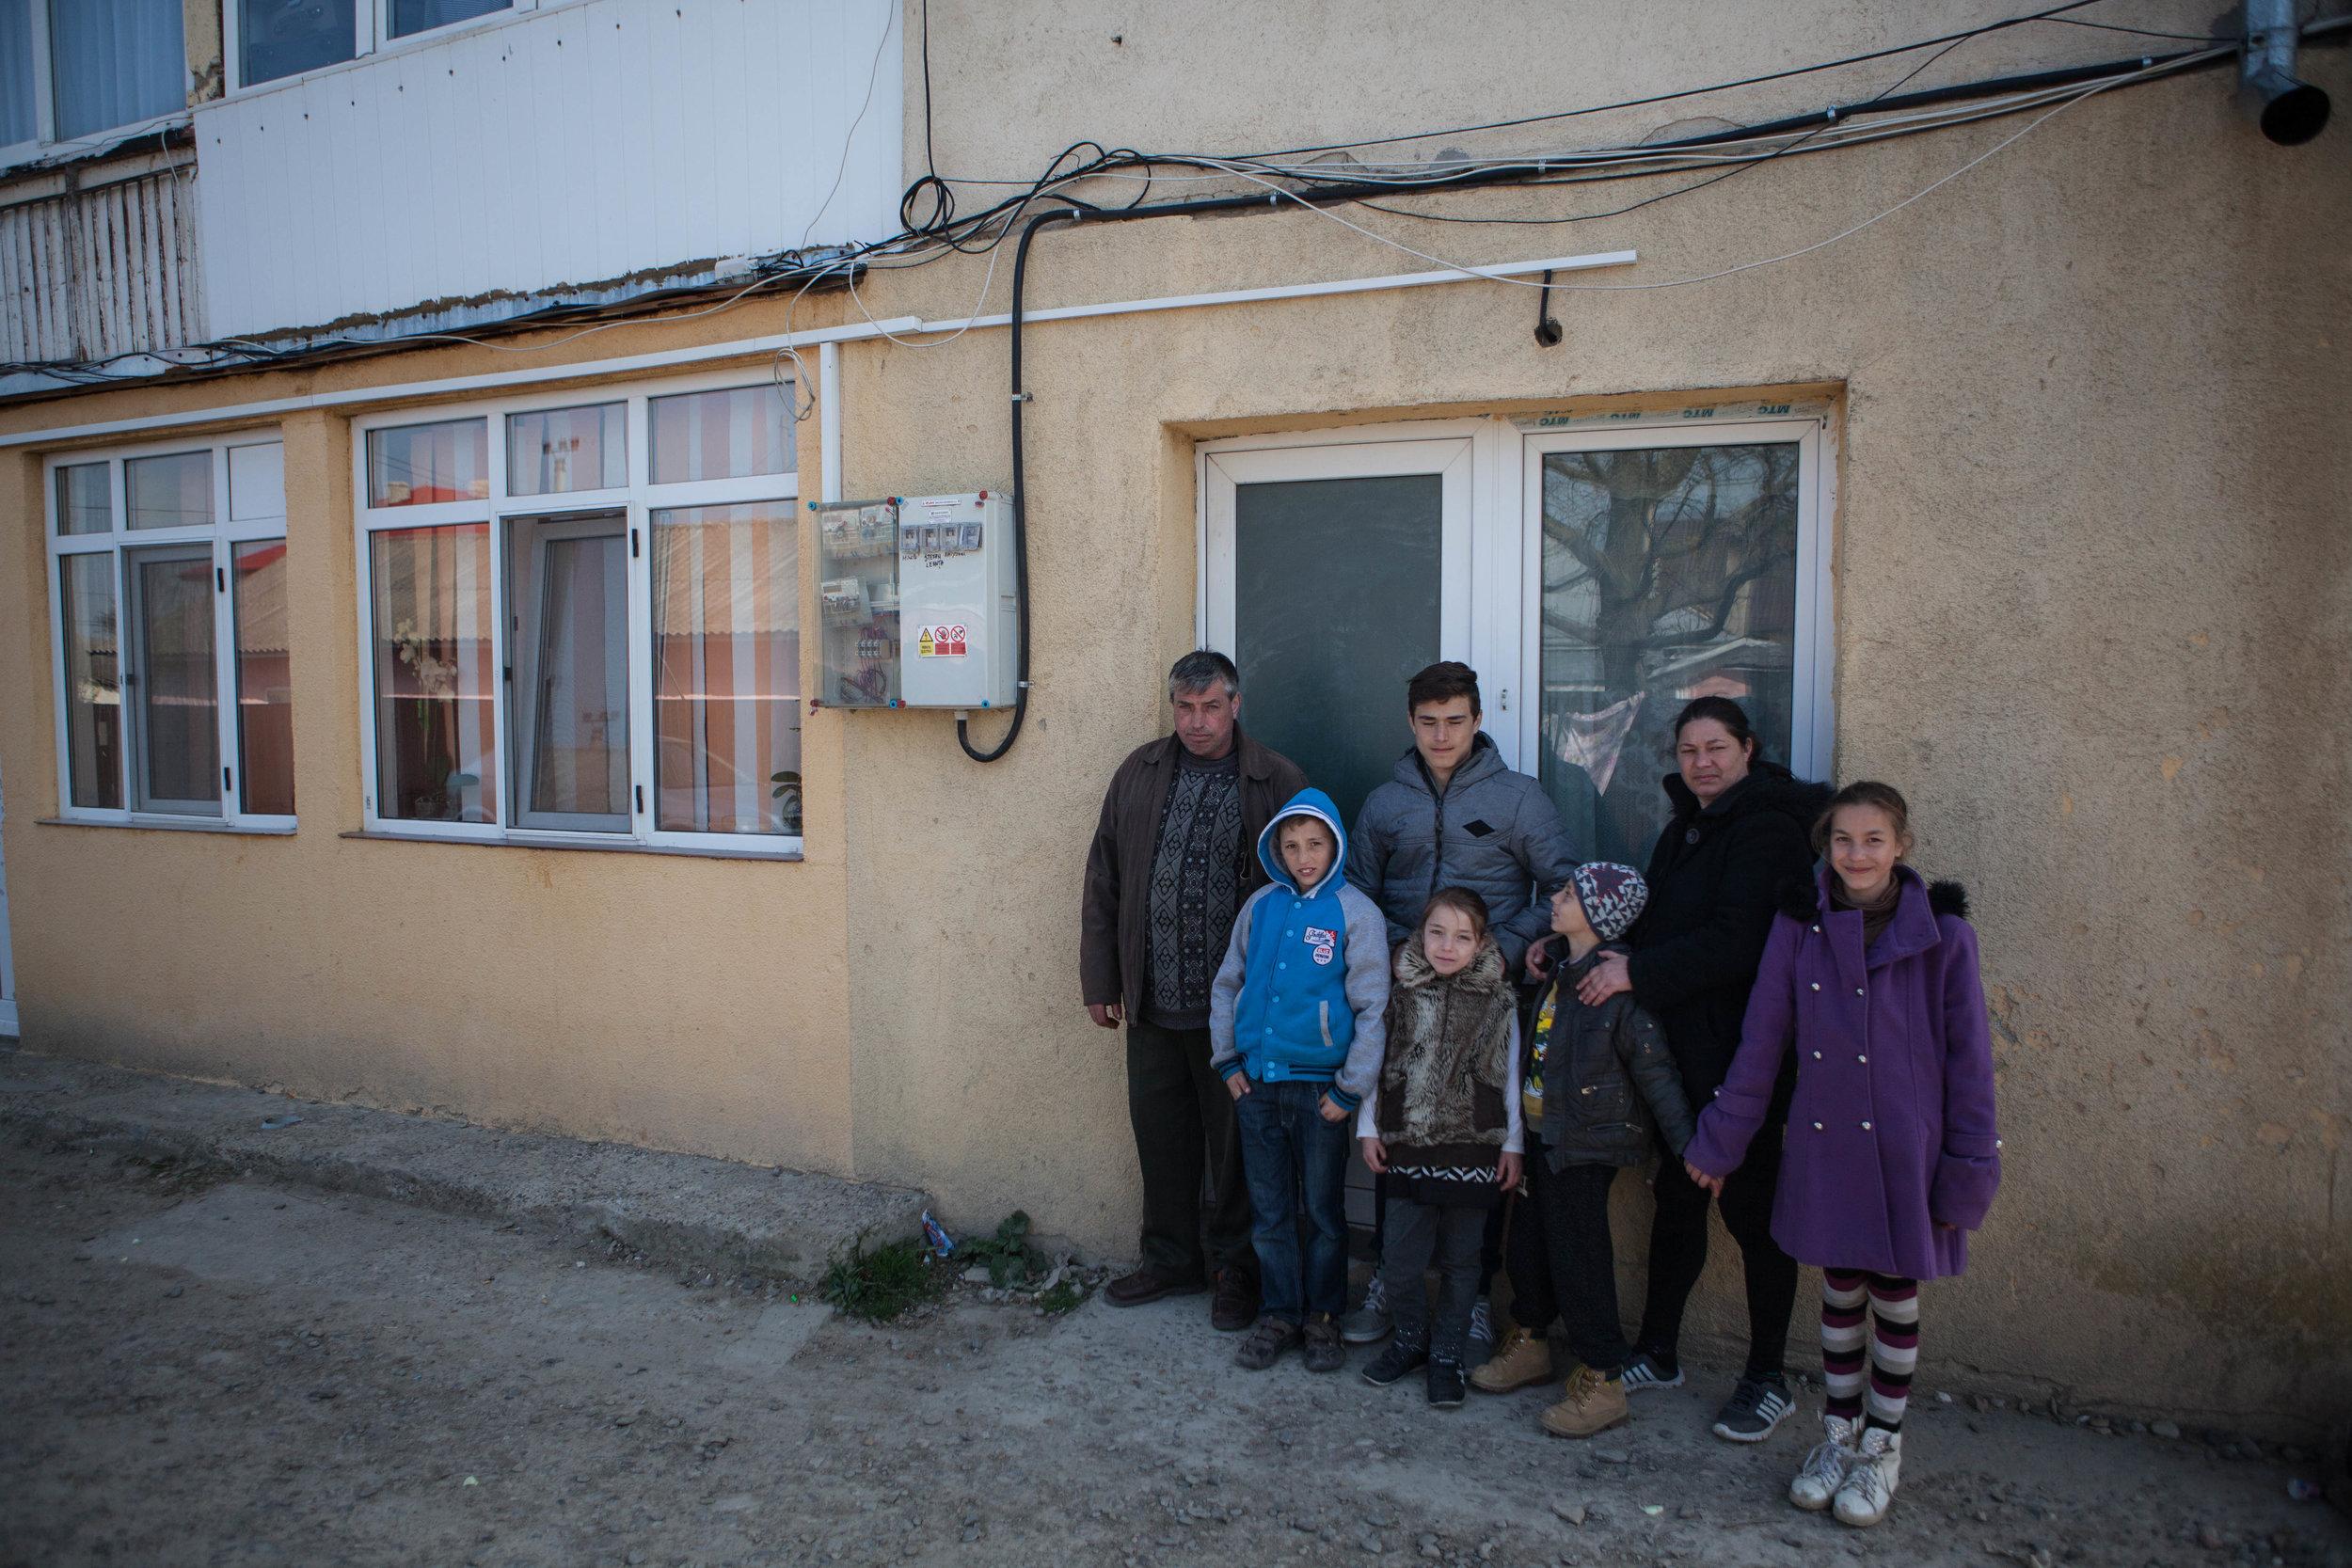 Familia Avram în fața vechii locuințe